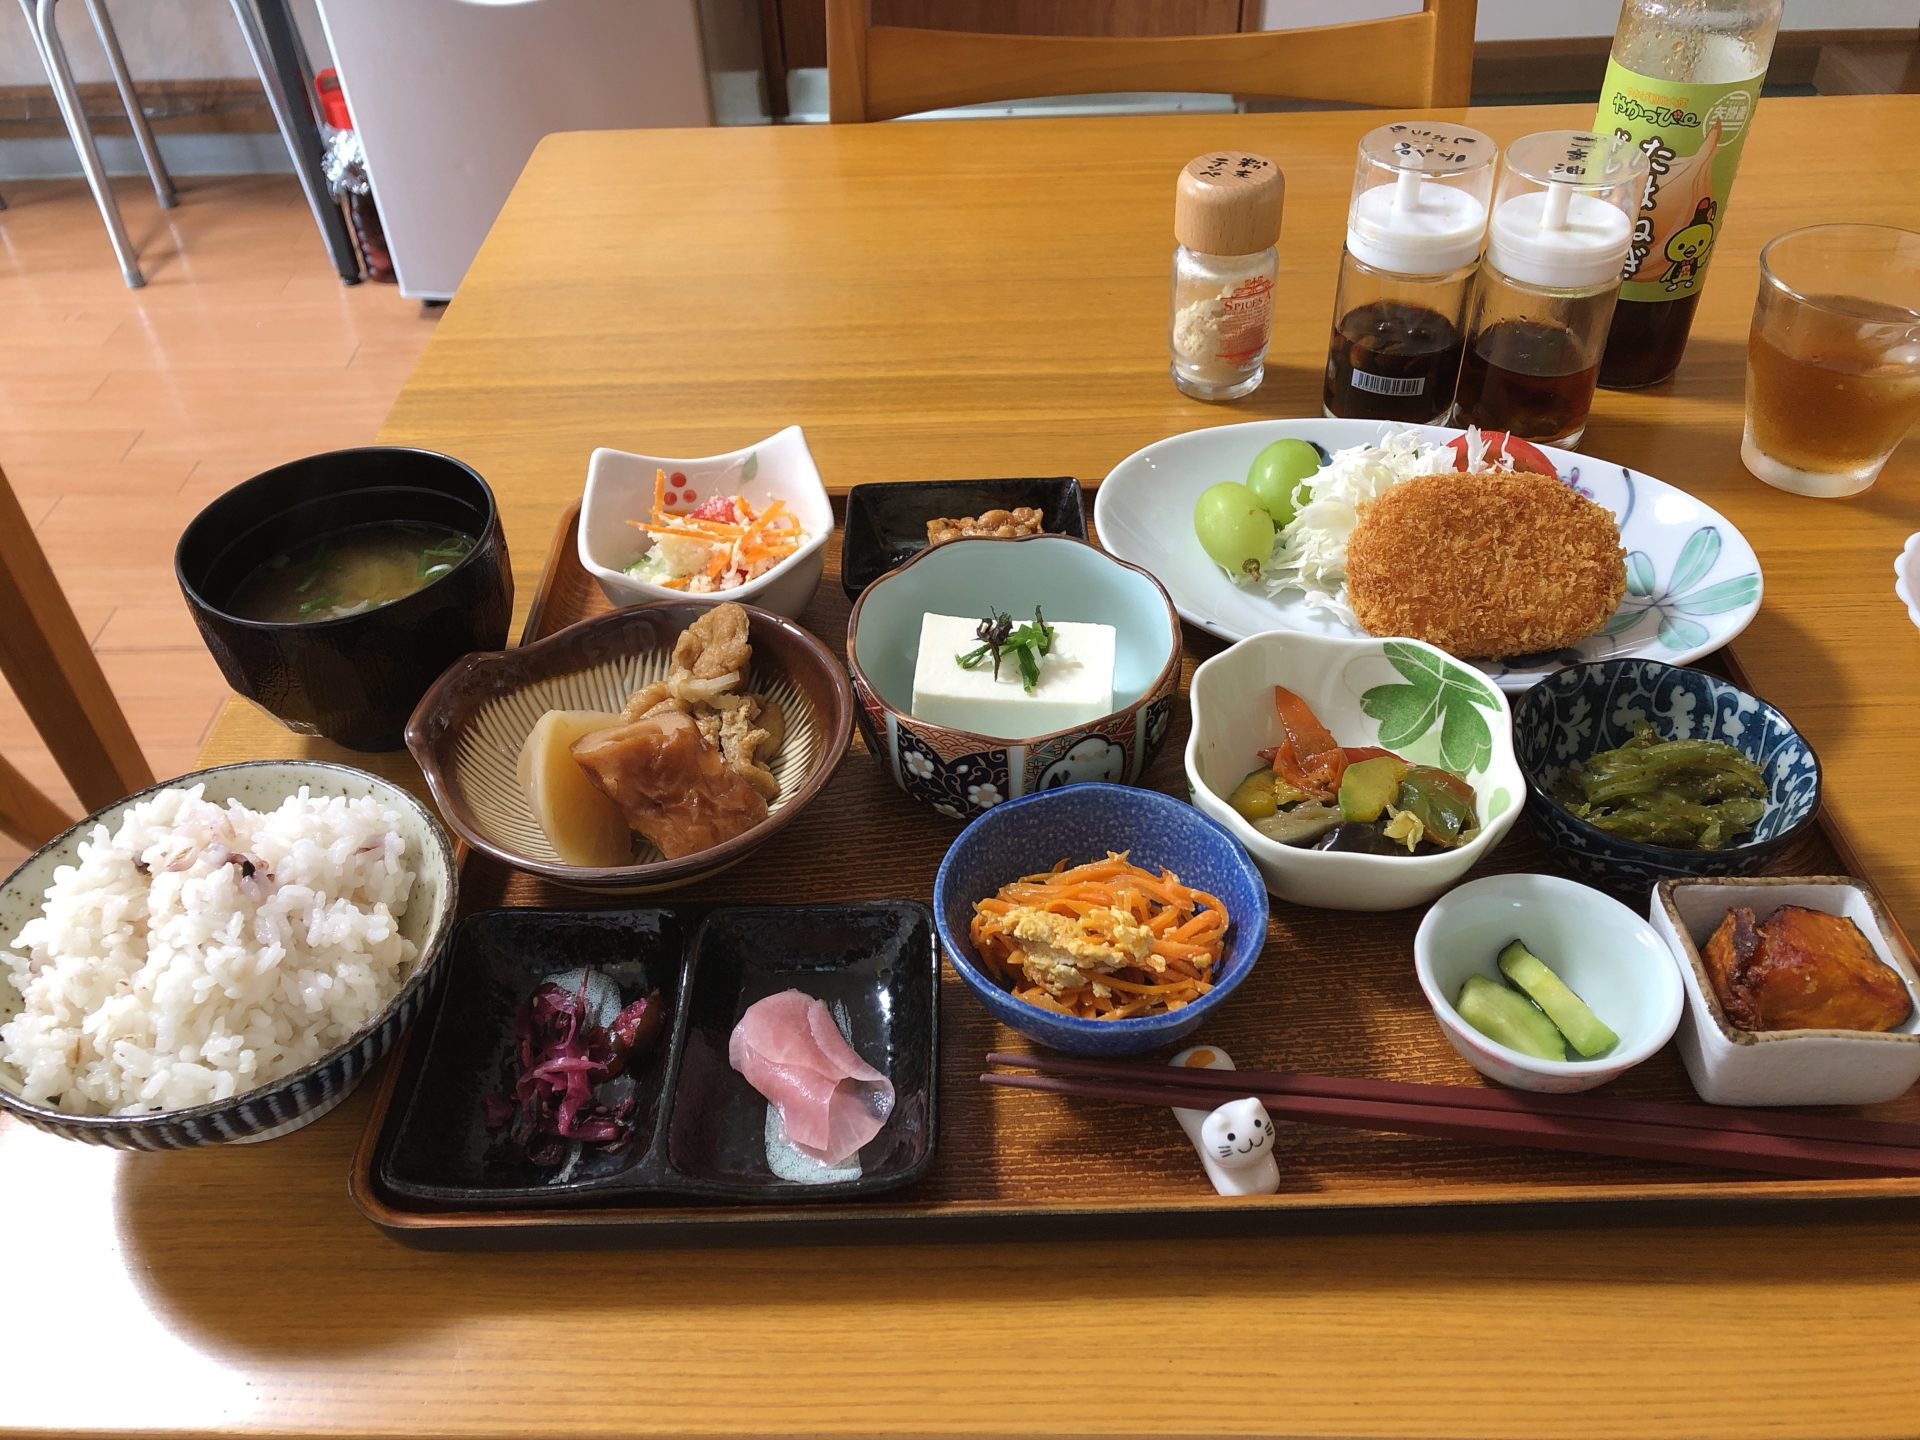 岡山の人気スポット矢掛 テンペ料理 発酵亭 の品数多いランチは健康によく体に優しい!